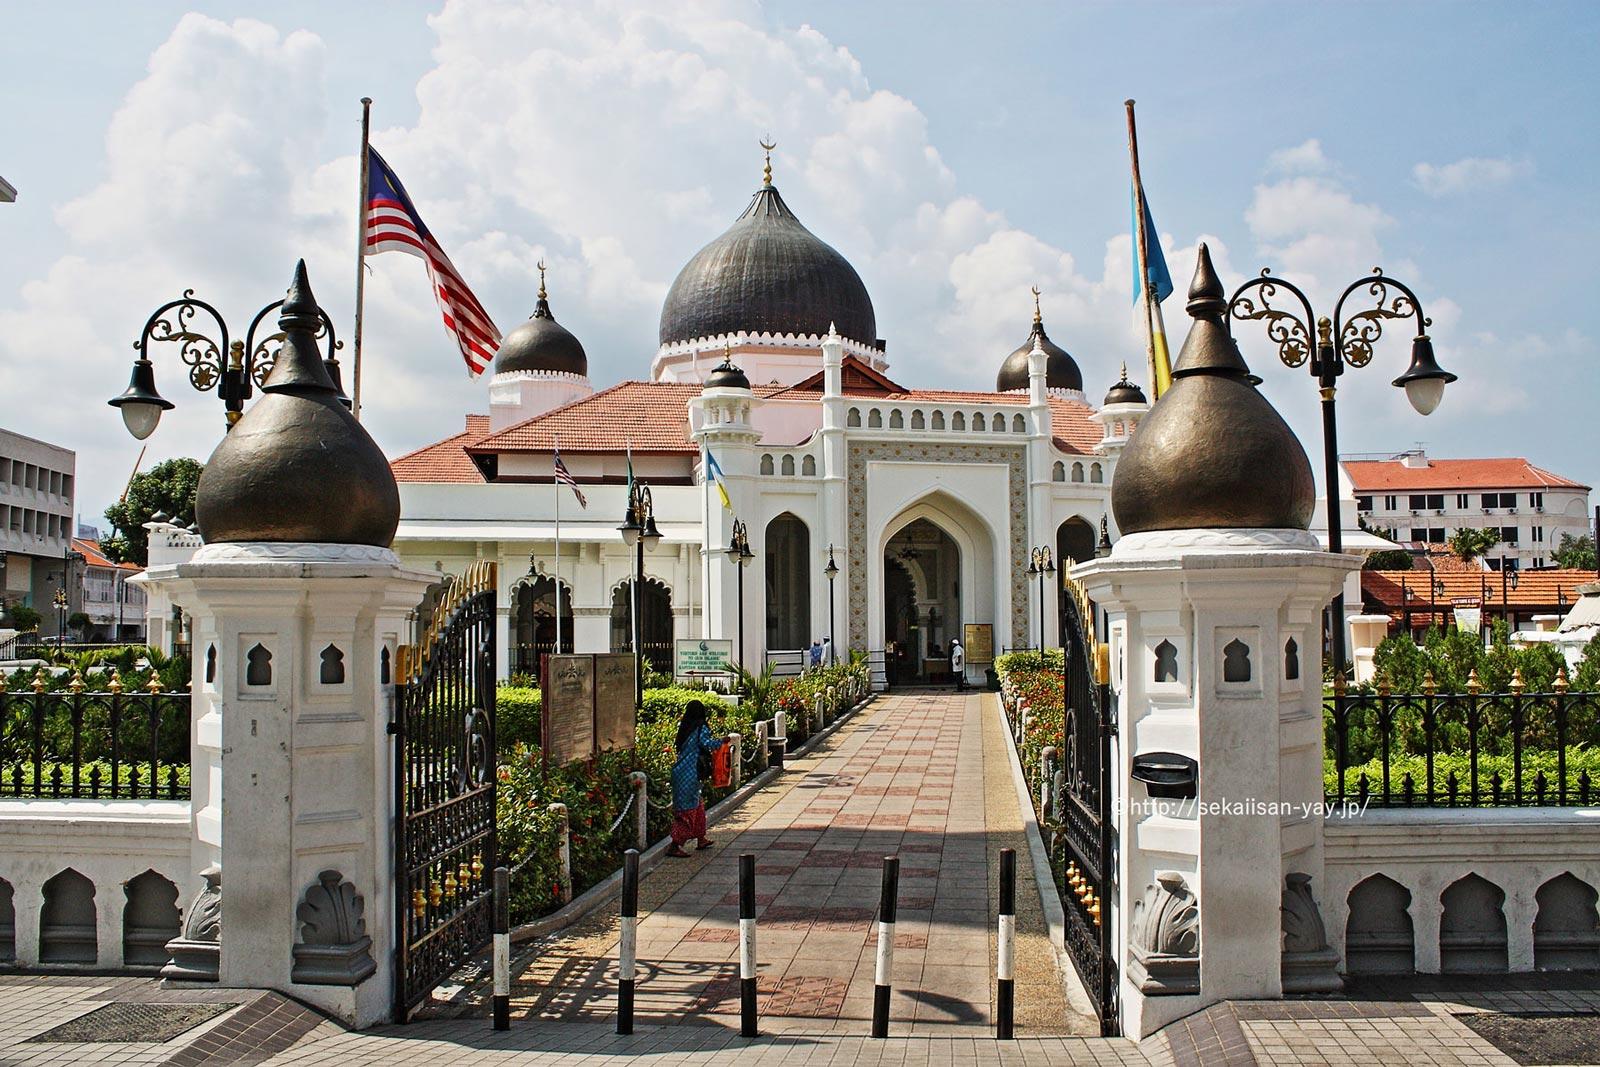 マレーシア「マラッカとジョージタウン、マラッカ海峡の古都群」